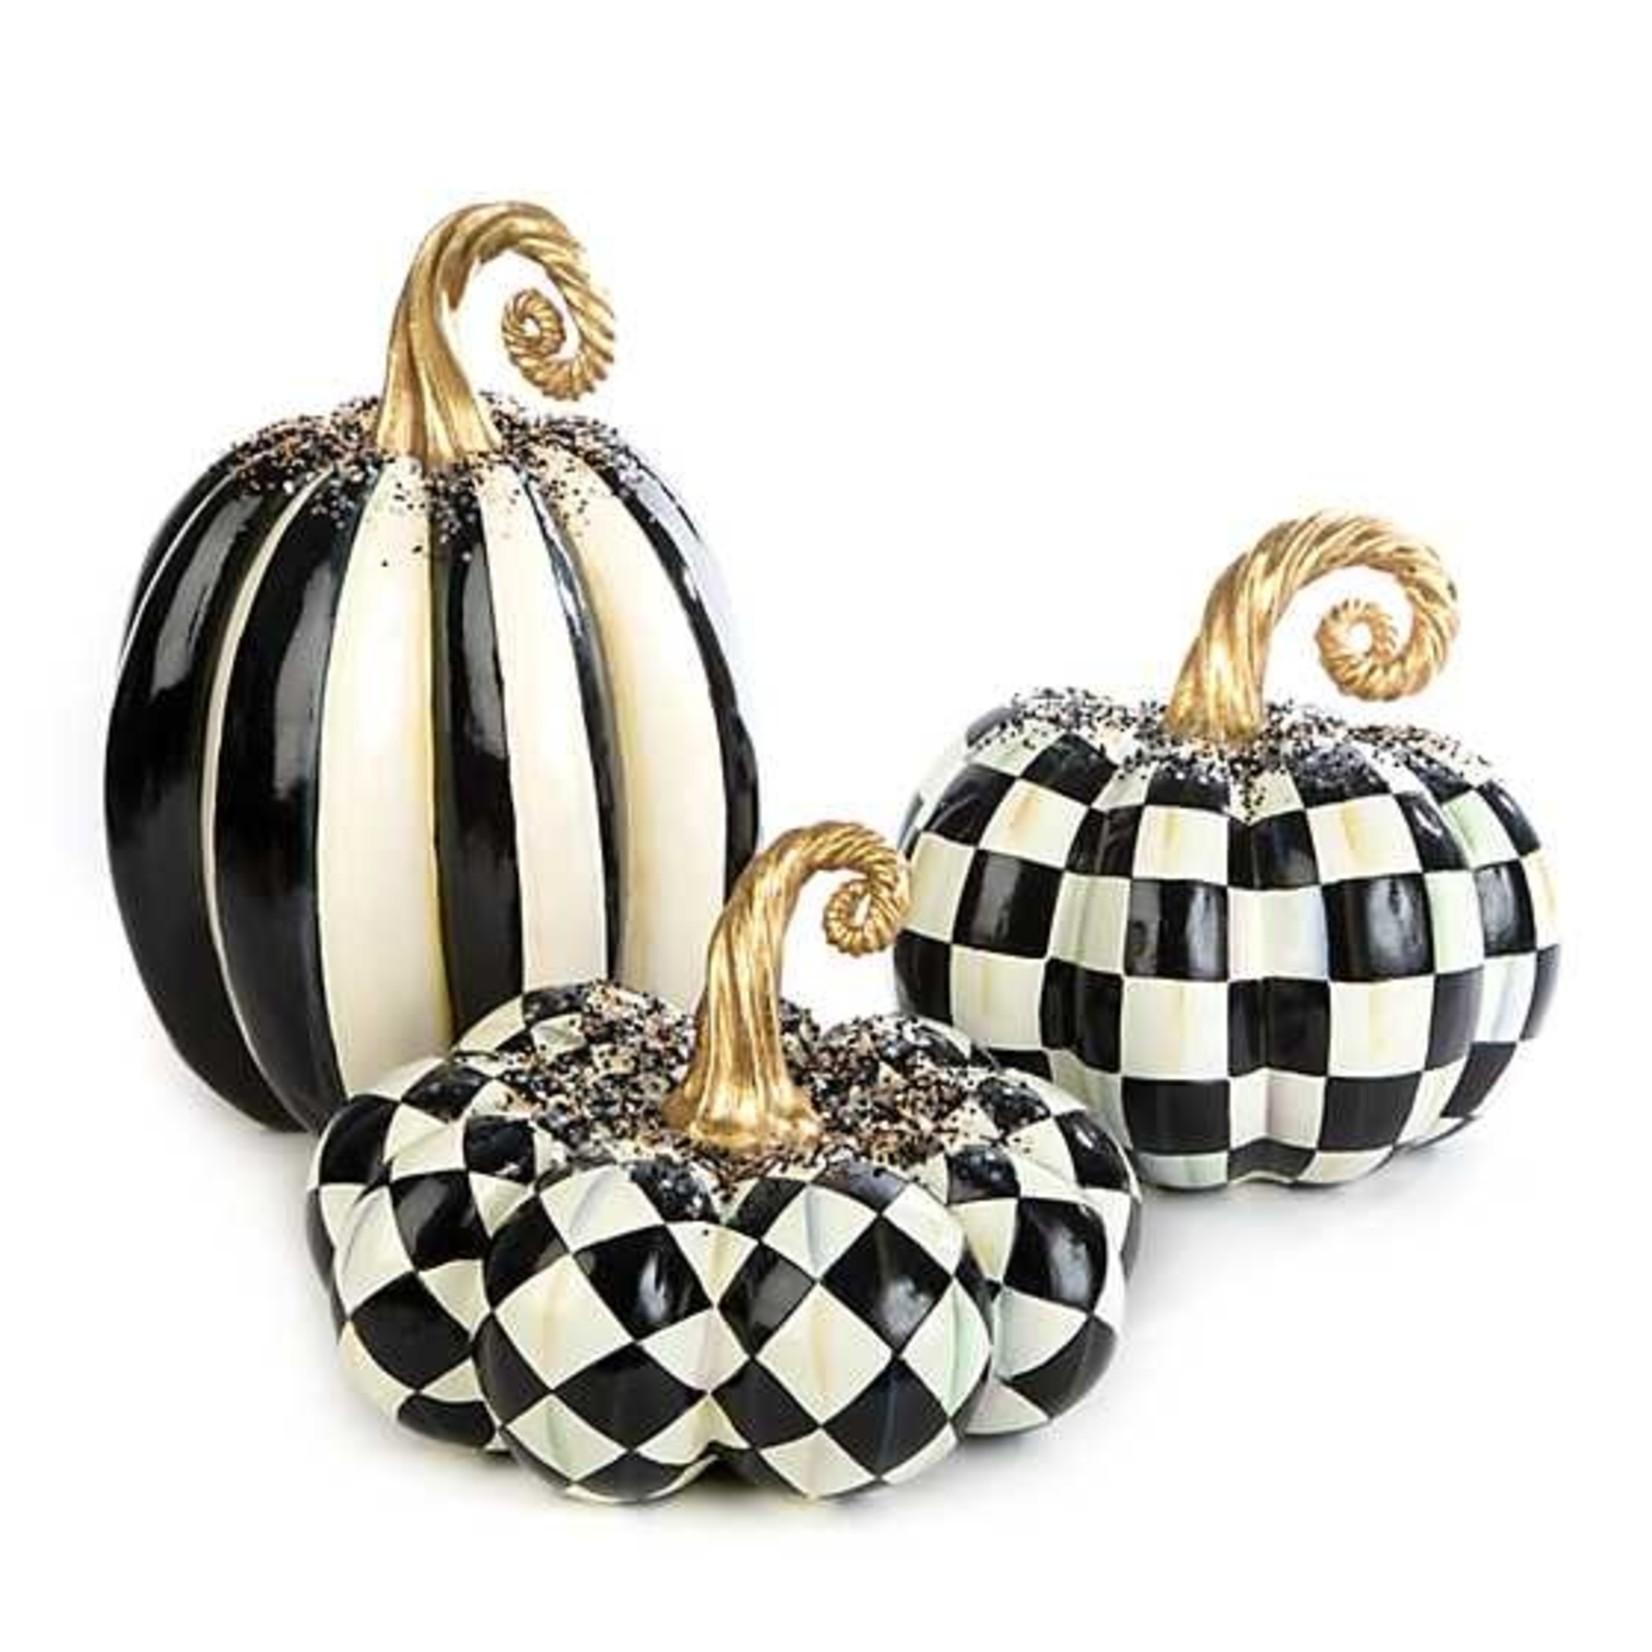 MacKenzie Childs Beaded Harlequin Squashed Pumpkin